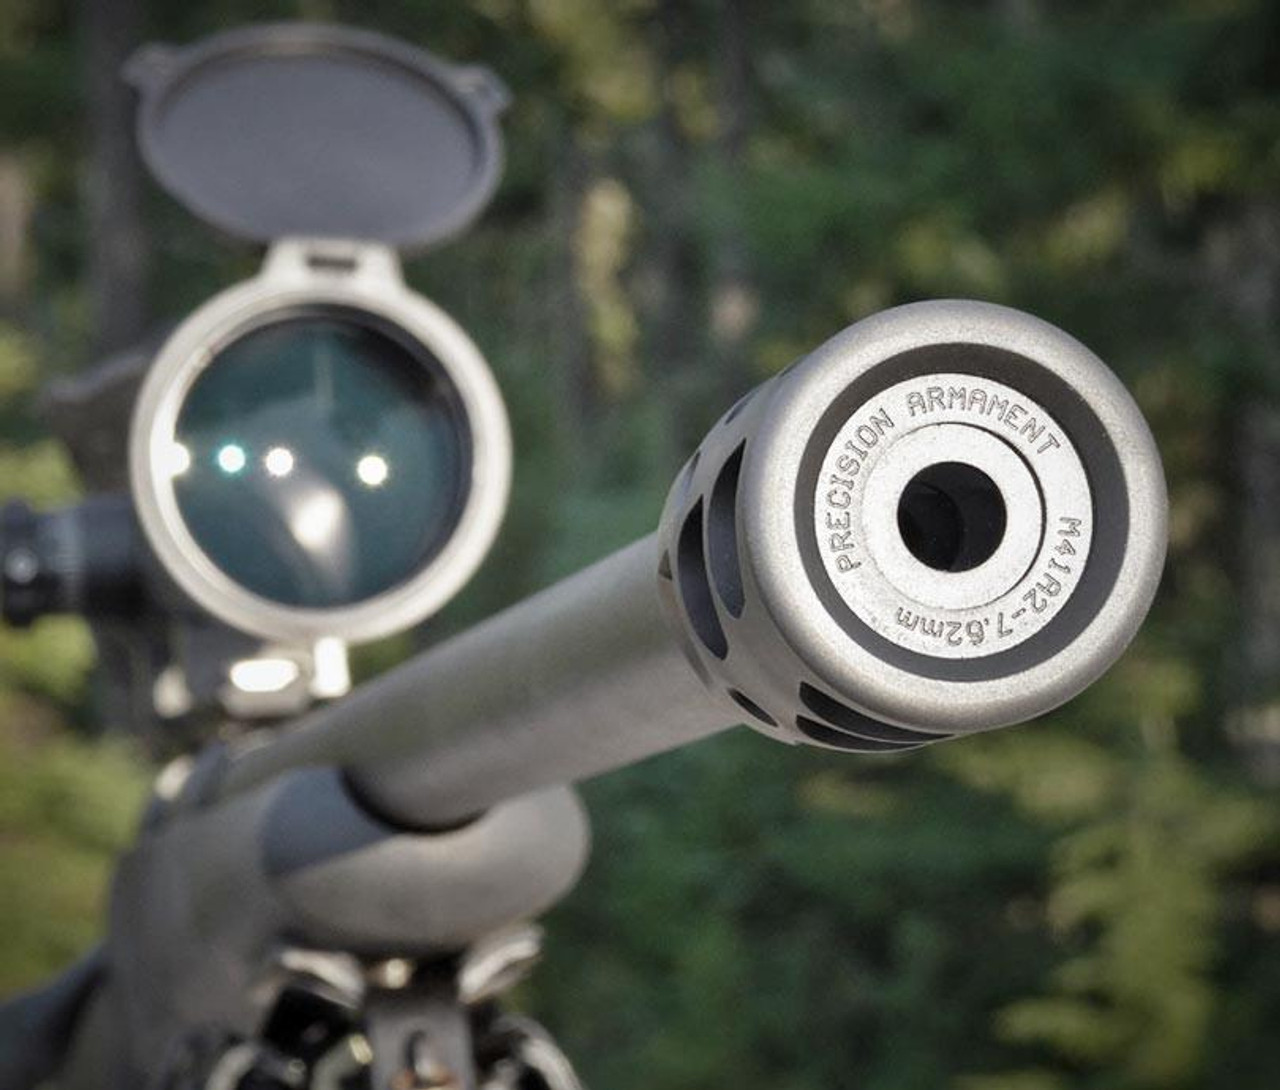 Precision Armament M41 Severe Duty Muzzle Brake 6.5mm / .264